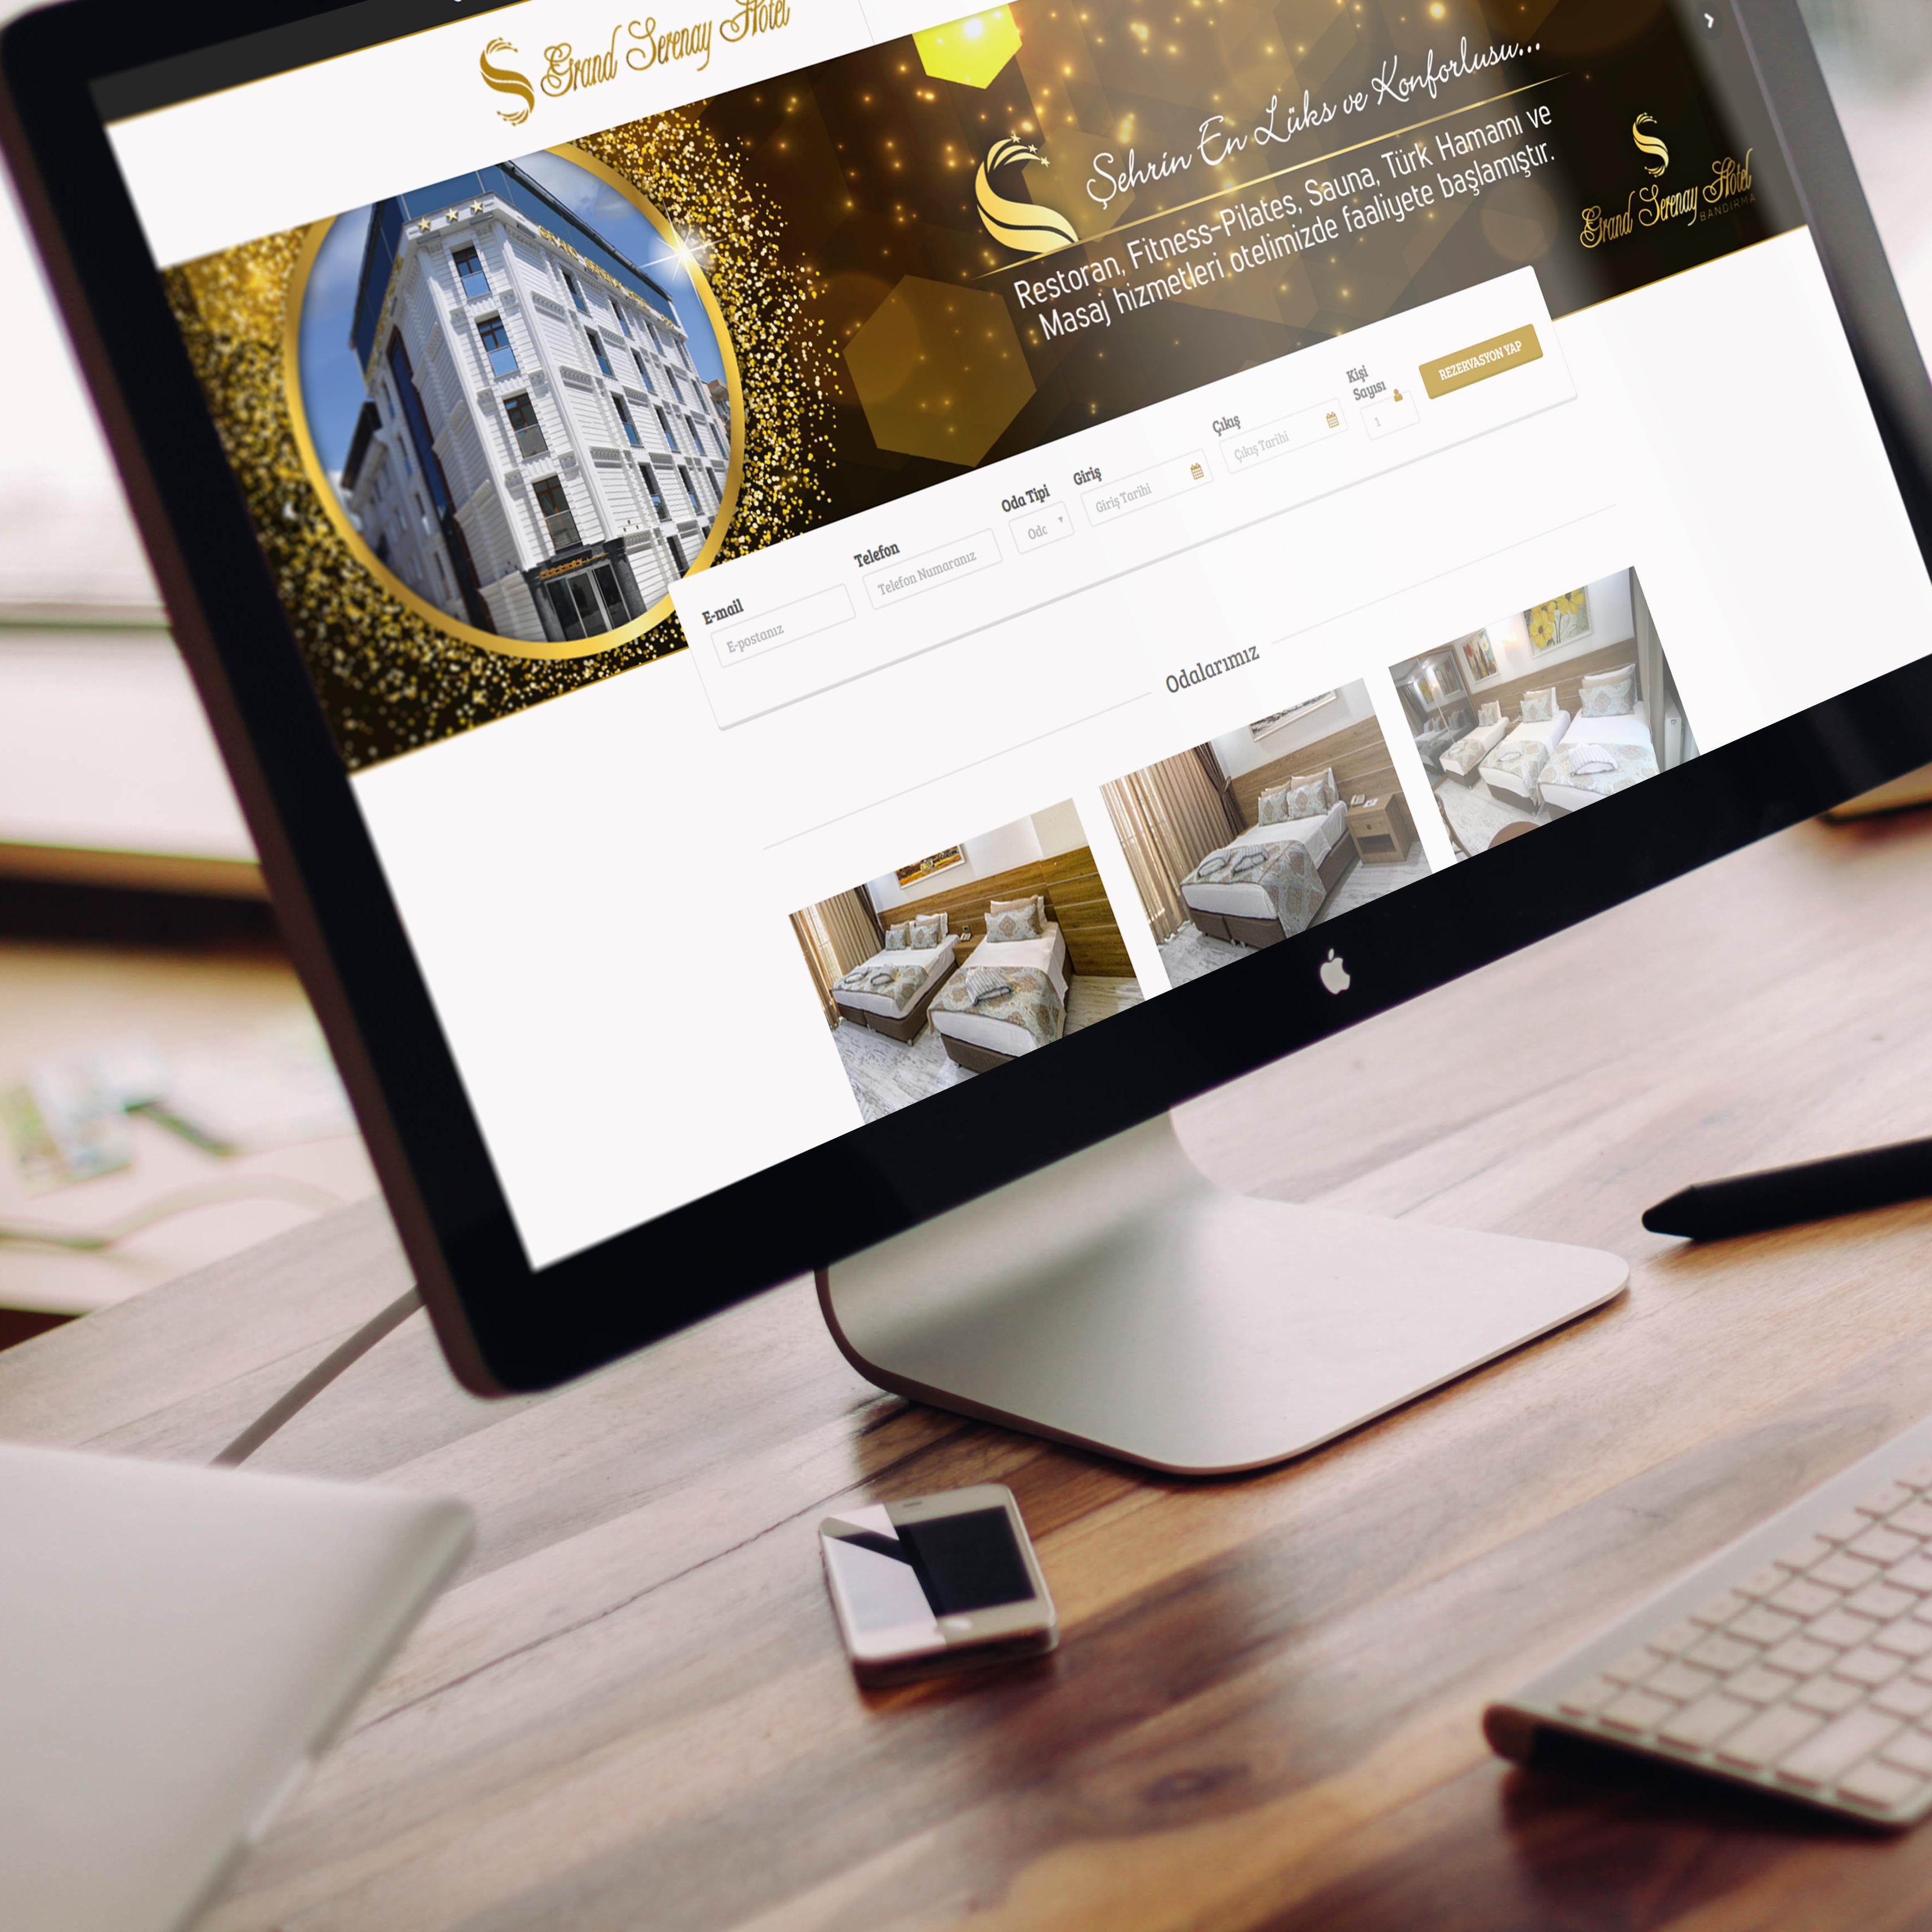 Grand Serenay Hotel Web Site